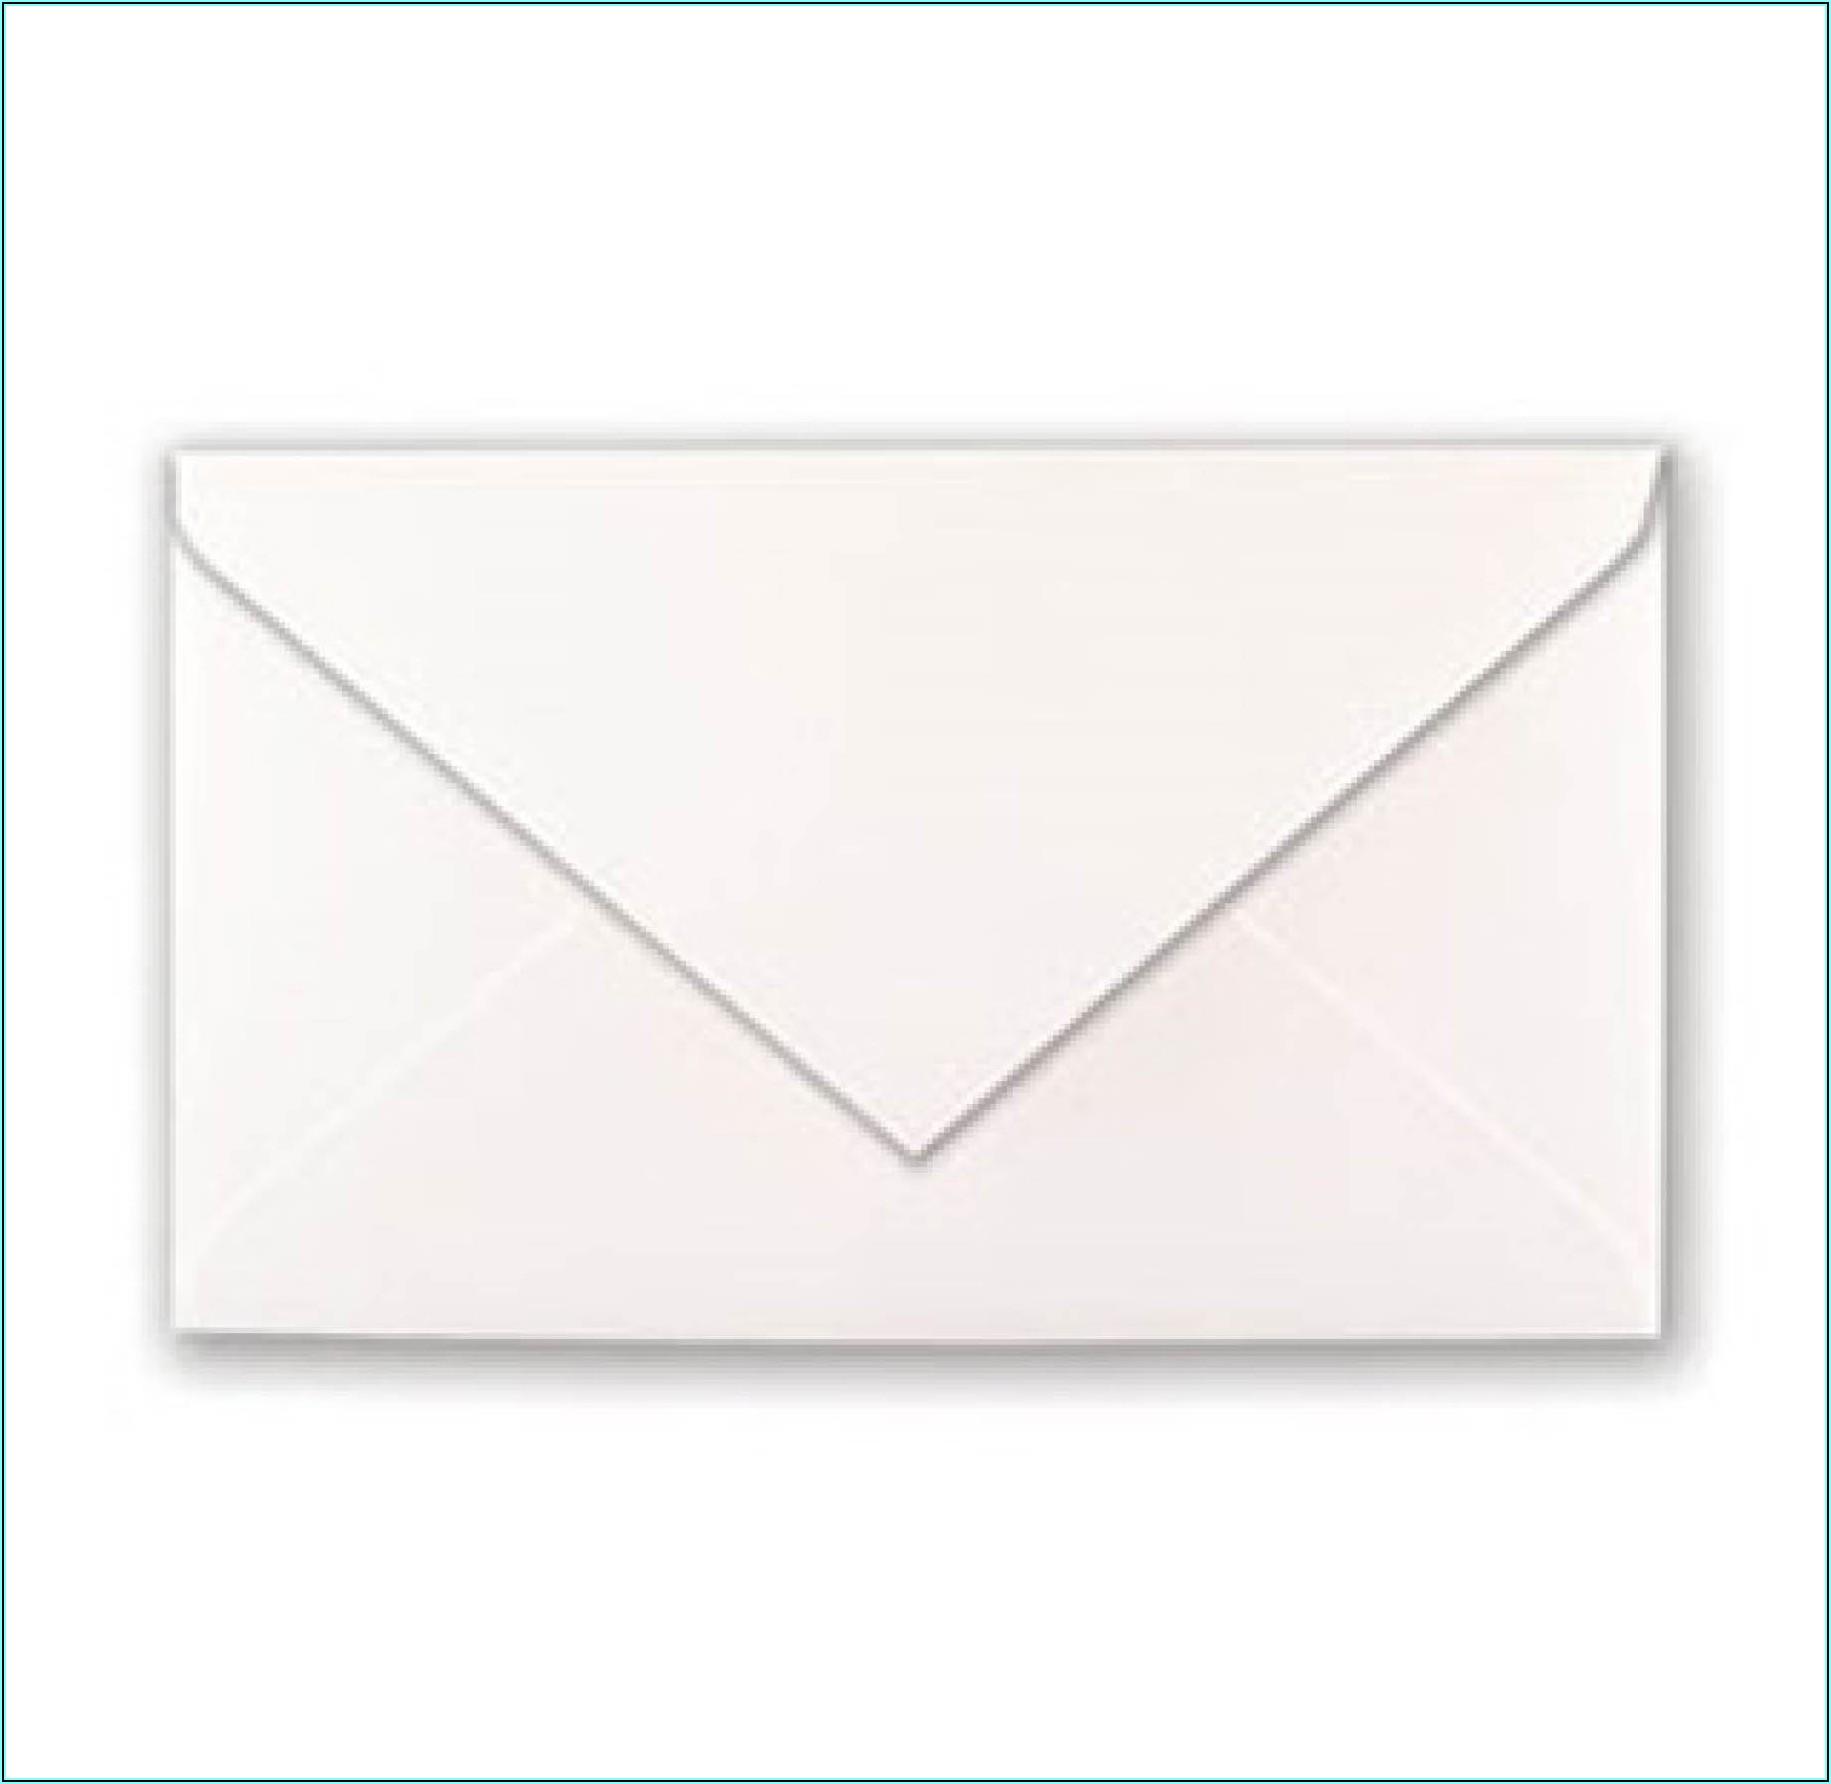 5x7 Envelopes In Mm